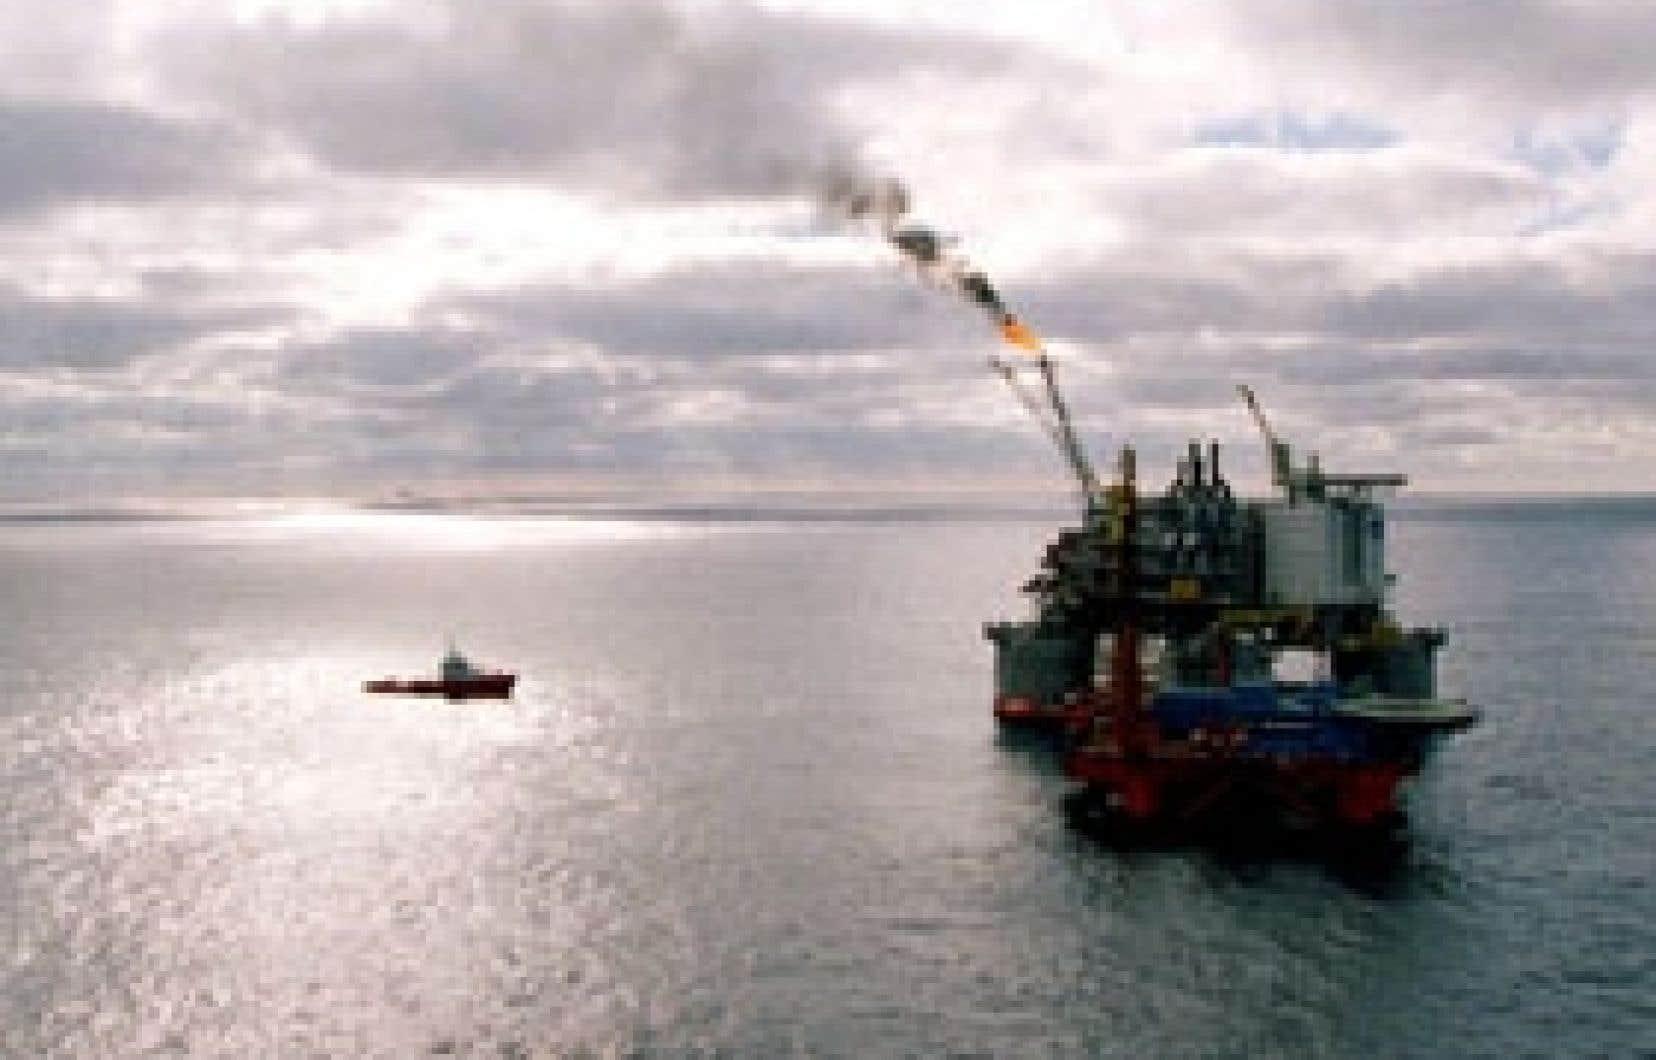 Statoil et Norsk, leaders du secteur pétrolier en Norvège, donneront naissance à une société qui devrait produire en l'an prochain 1,9 million de barils équivalent-pétrole par jour avec des effectifs combinés de 31 000 personnes.